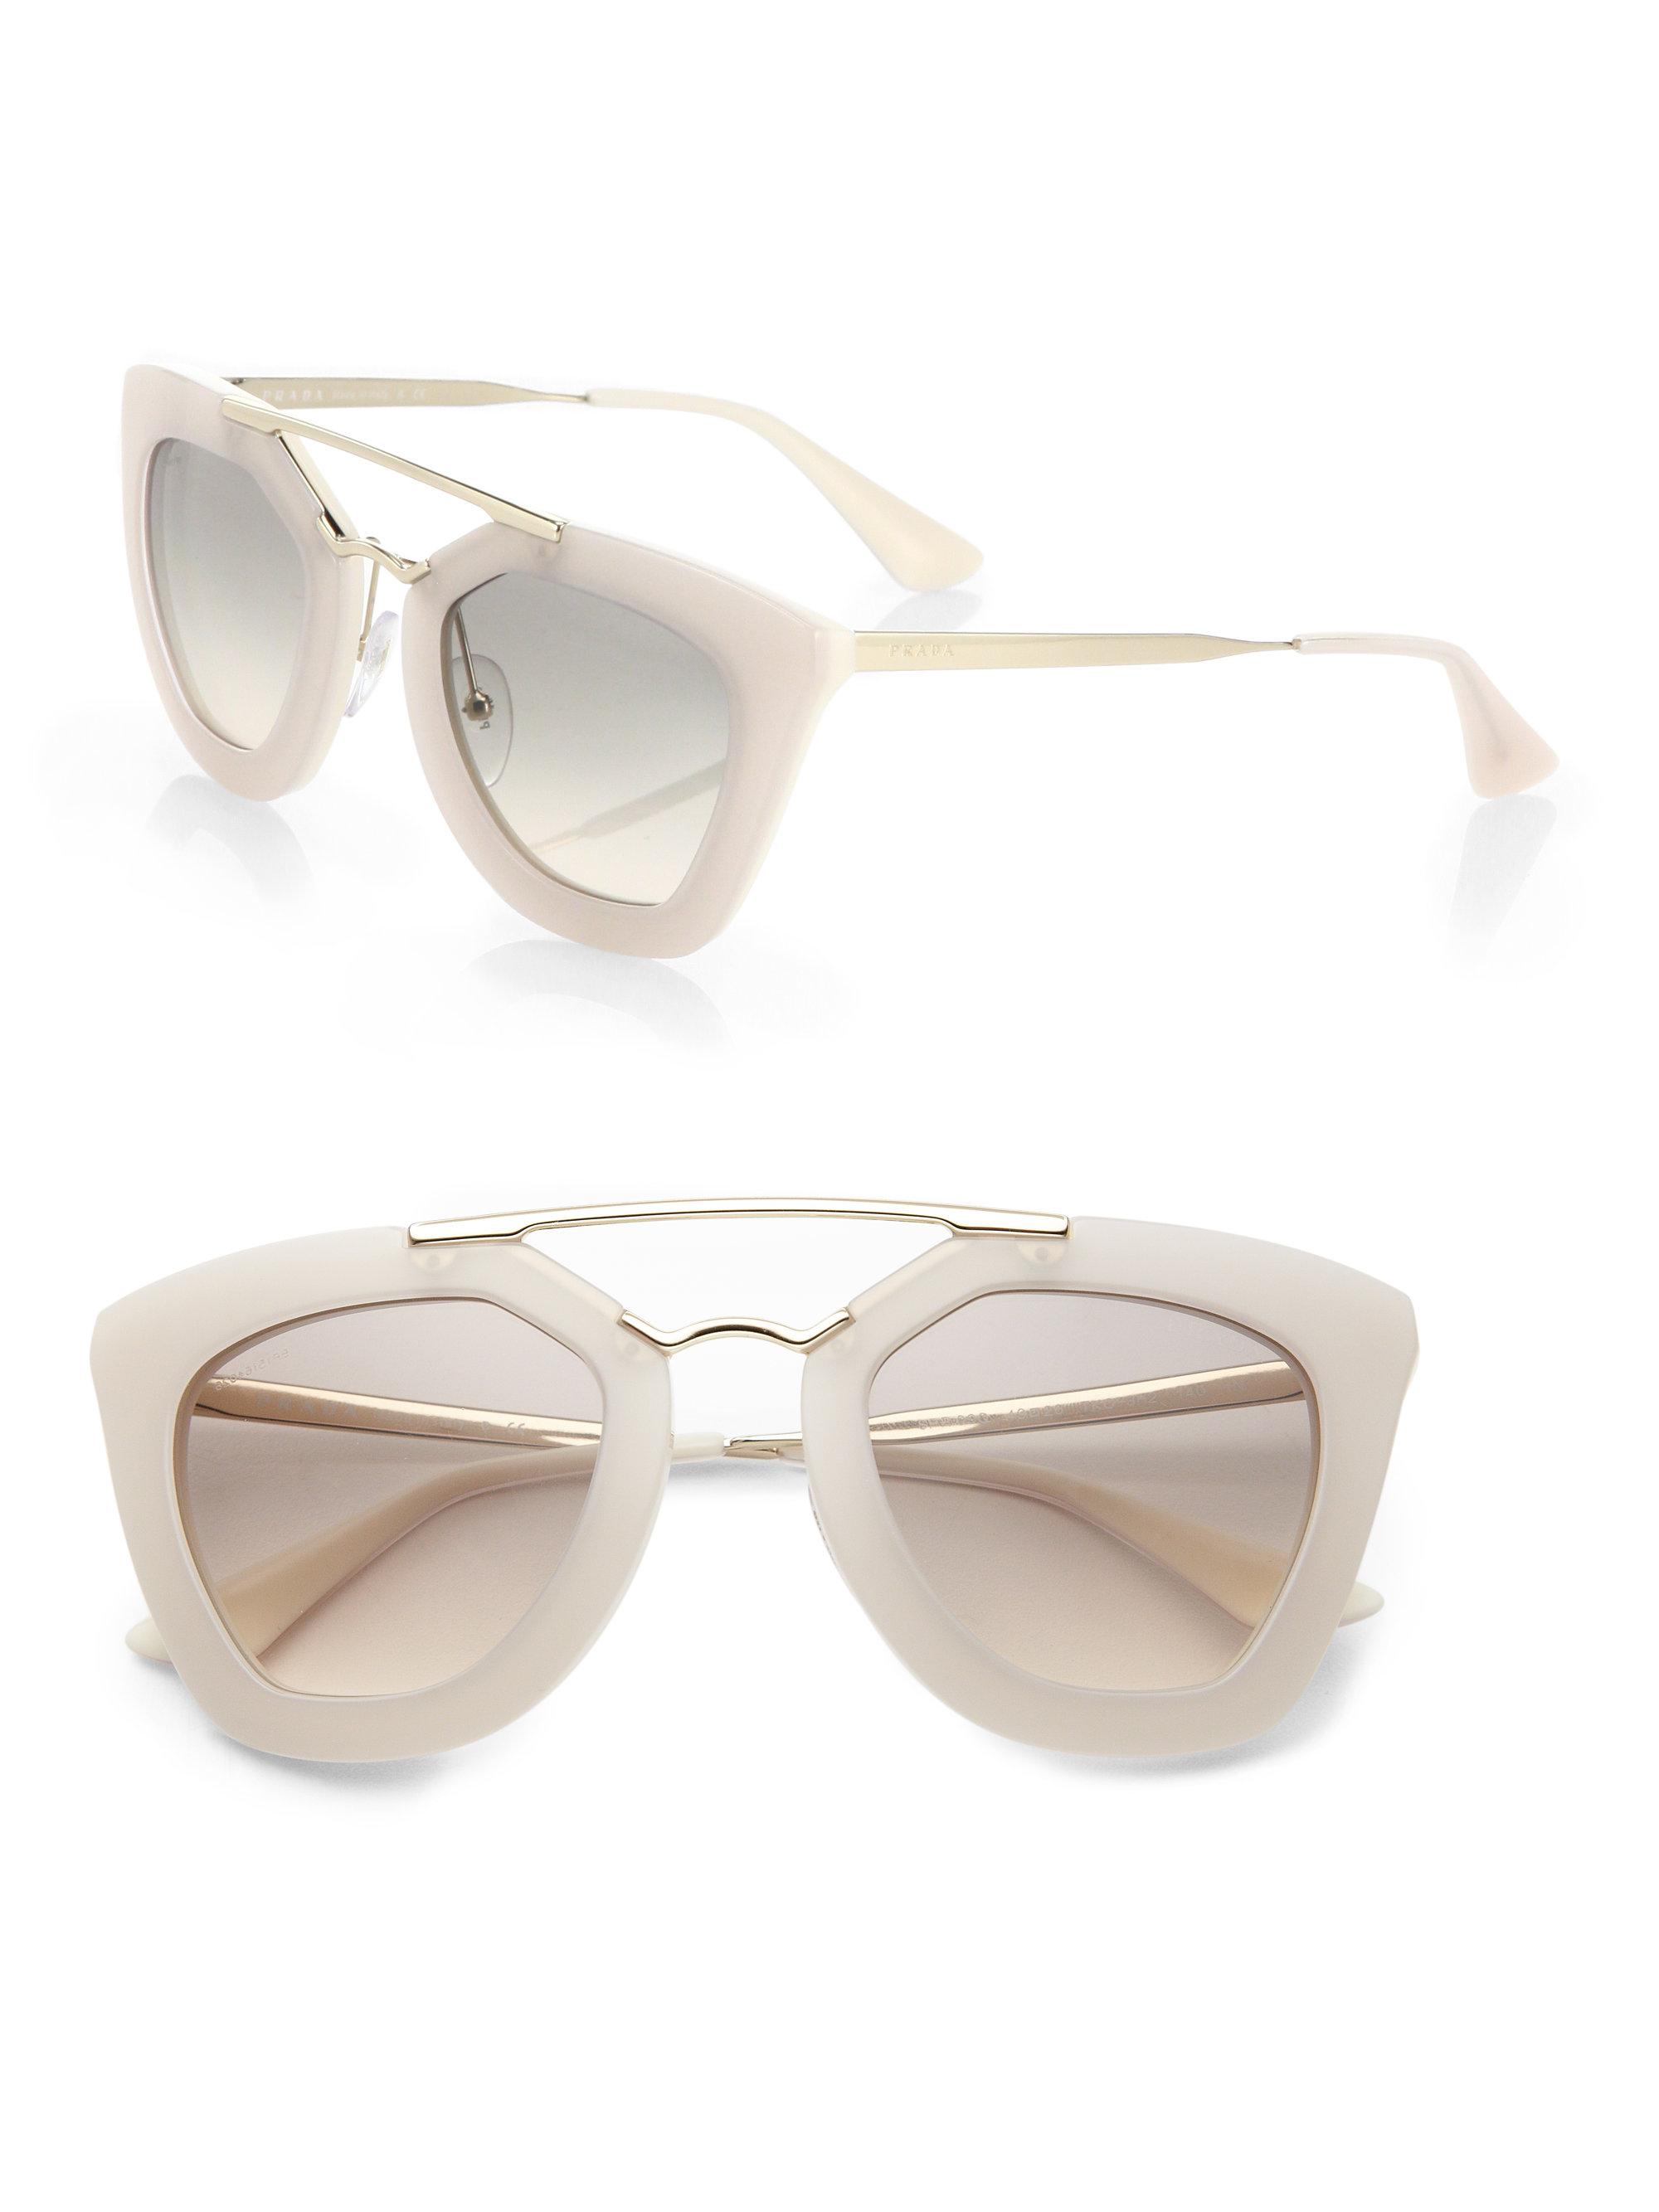 63953708a4c6 ... clearance lyst prada 49mm angular frame sunglasses in white cd552 048e8